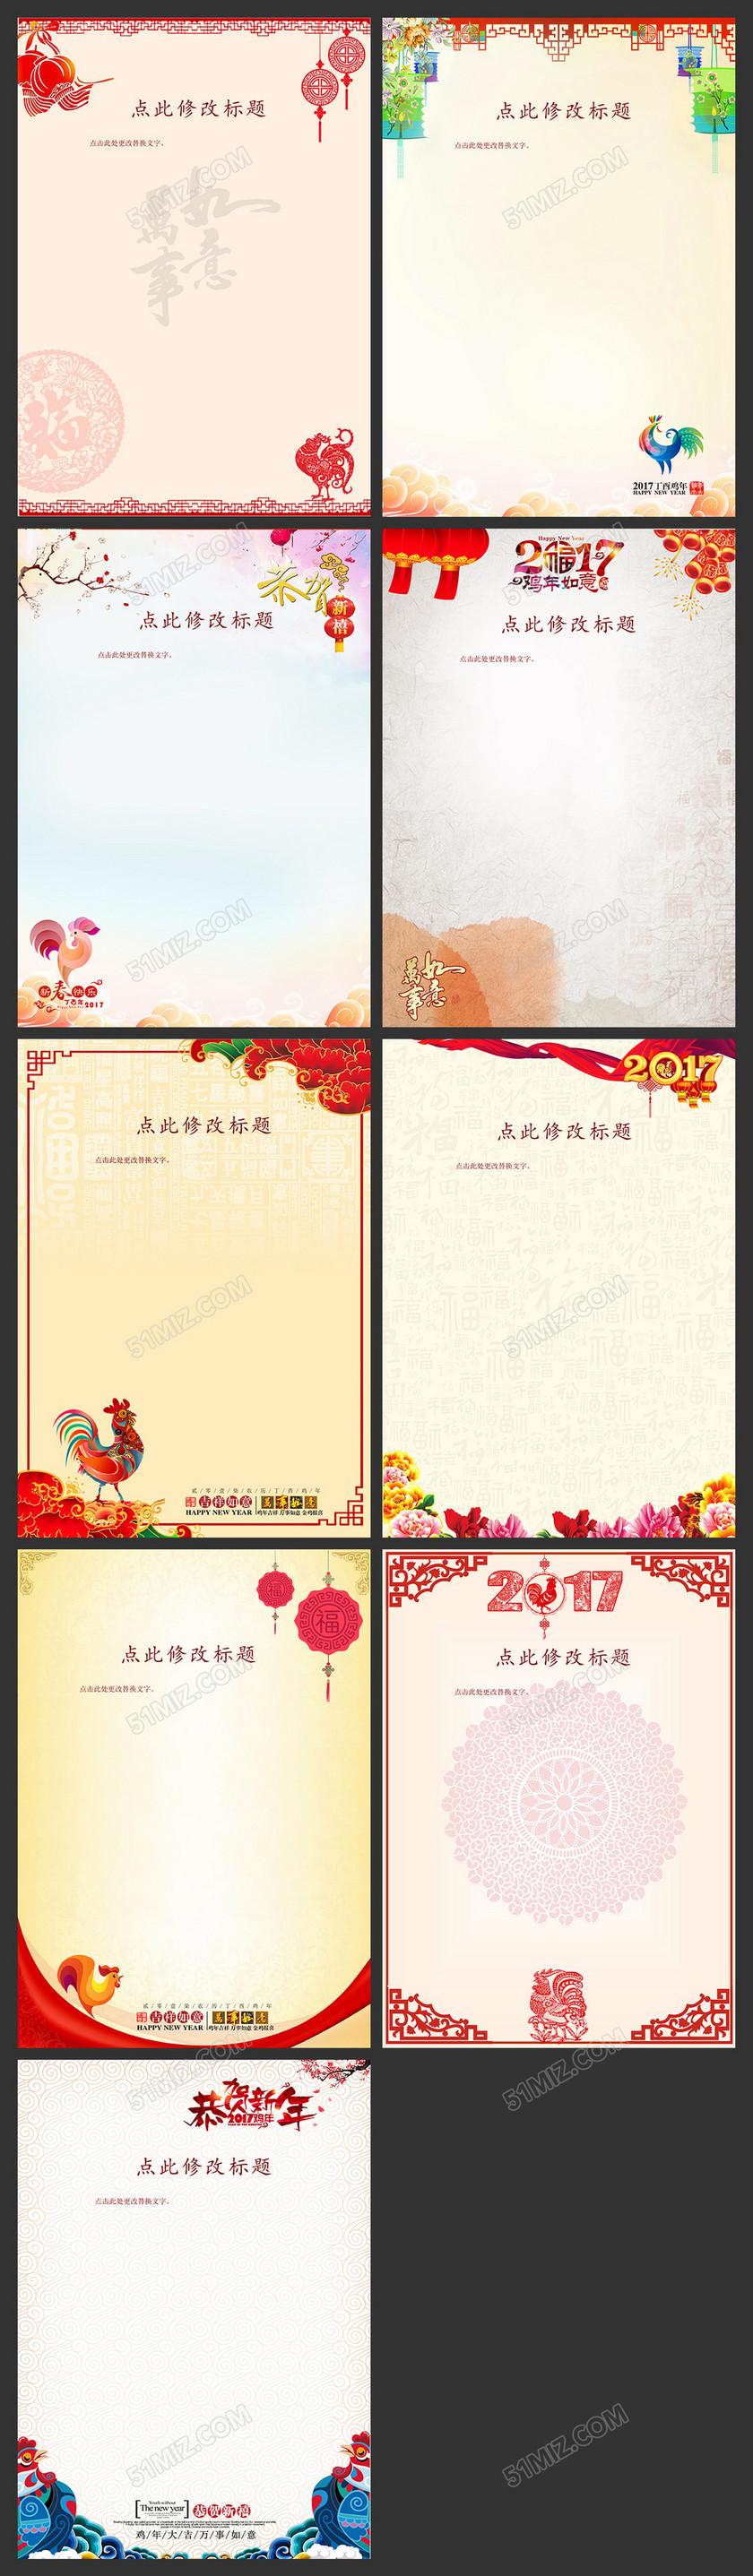 2017鸡年新年信纸小报模板word背景图片